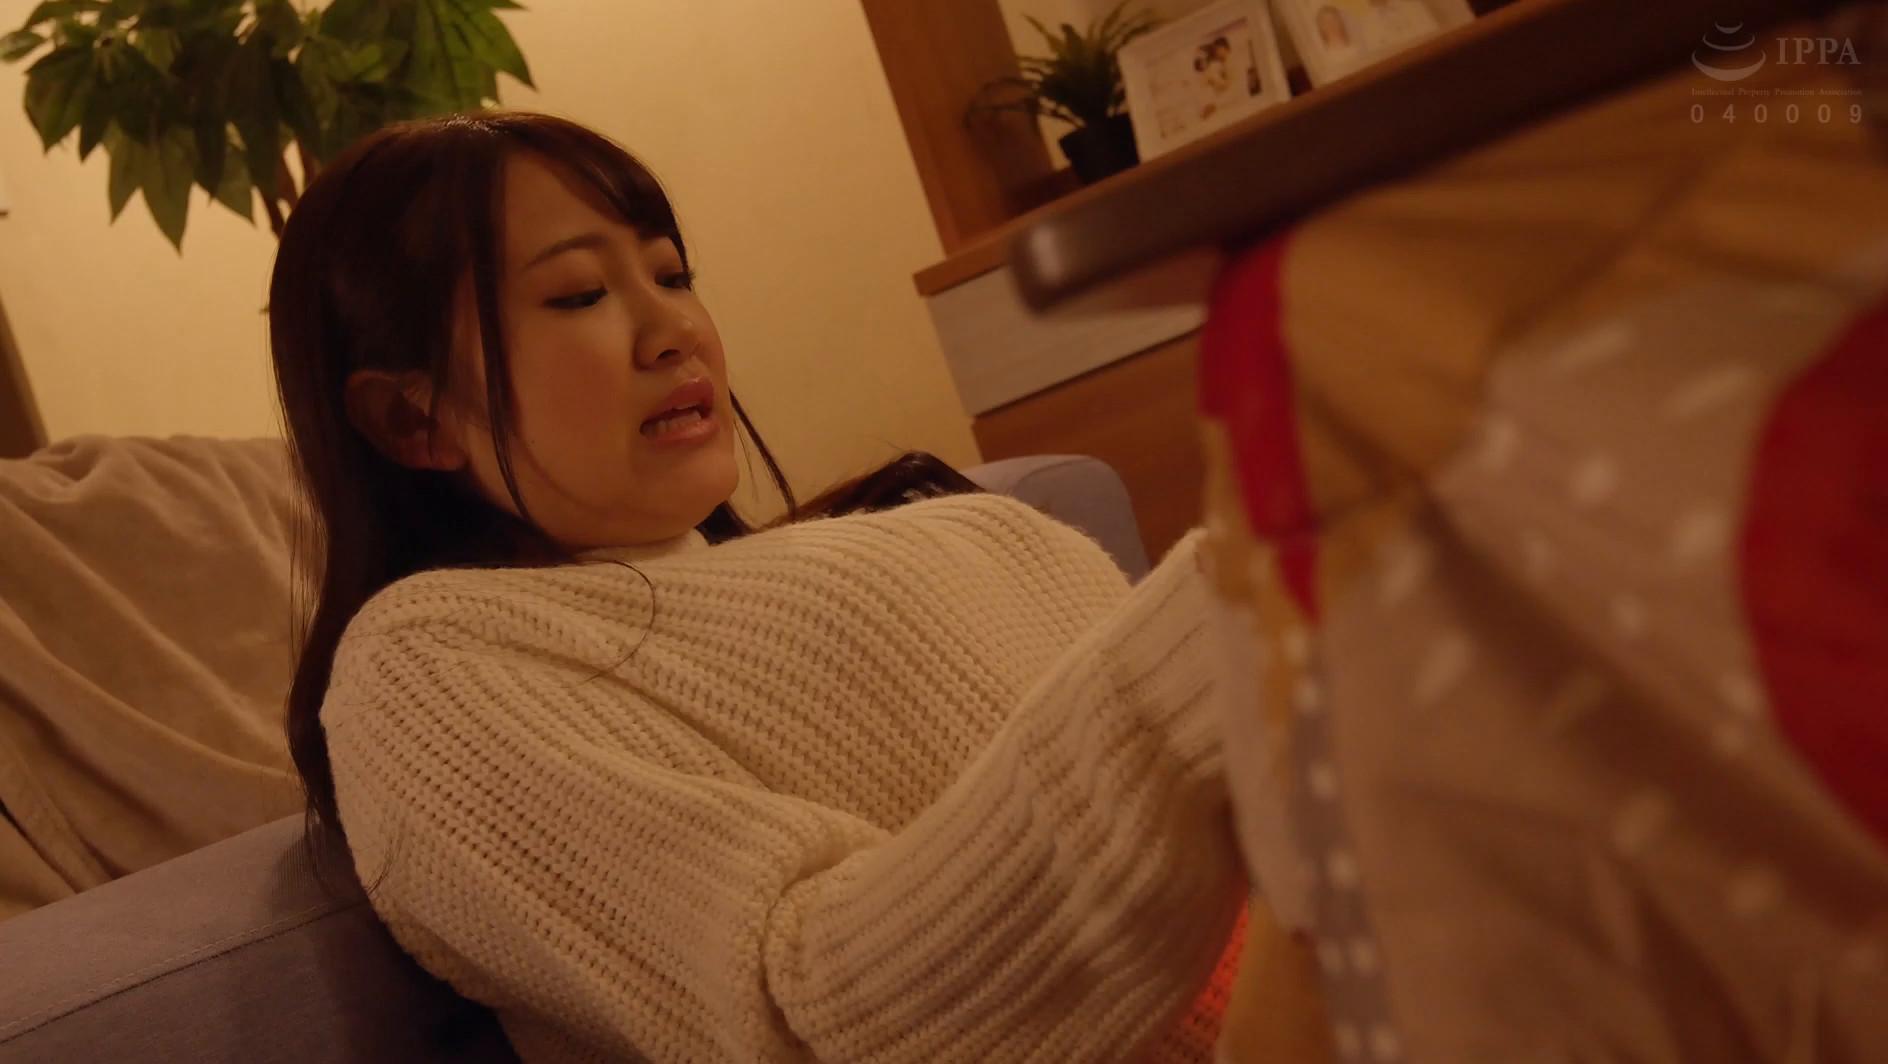 侵入者~愛する夫がいるのに性犯罪者に何度もイカされ中出しされた爆乳ボイン妻~ 姫咲はな 画像19